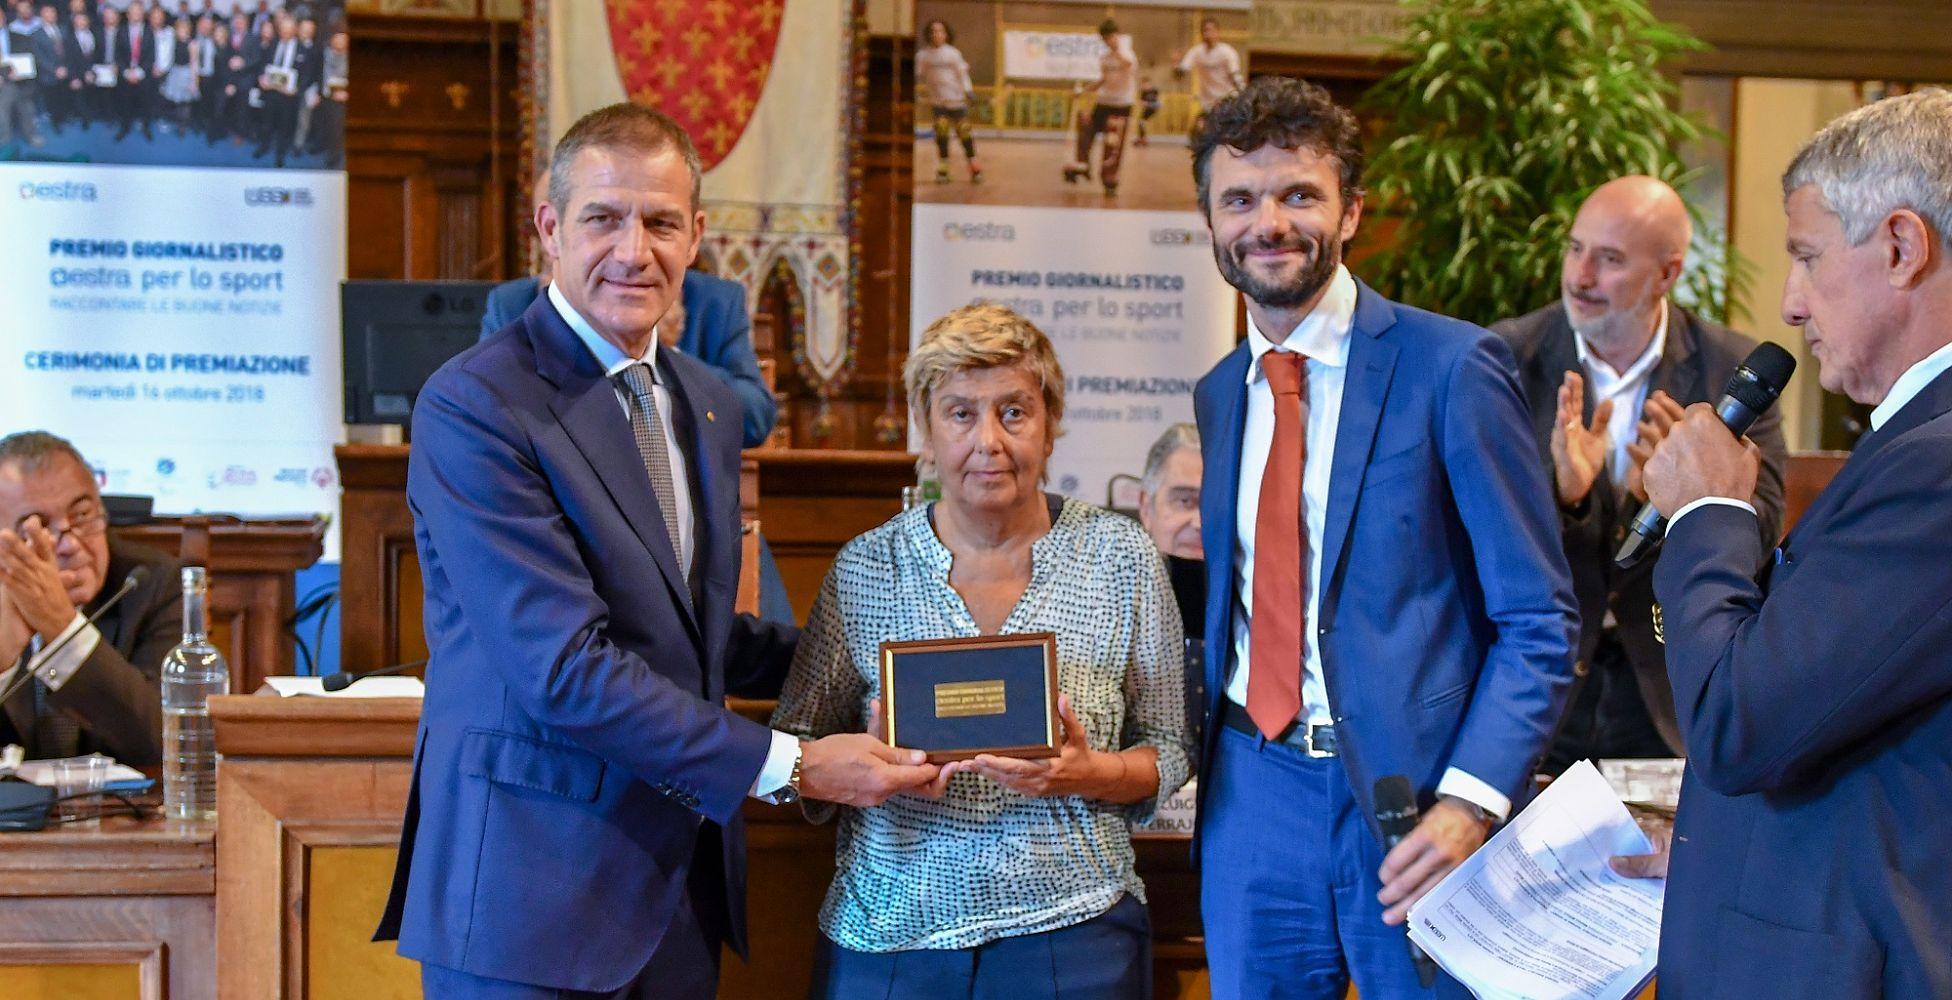 Audisio macri biffoni premio giornalistico 2017 2018